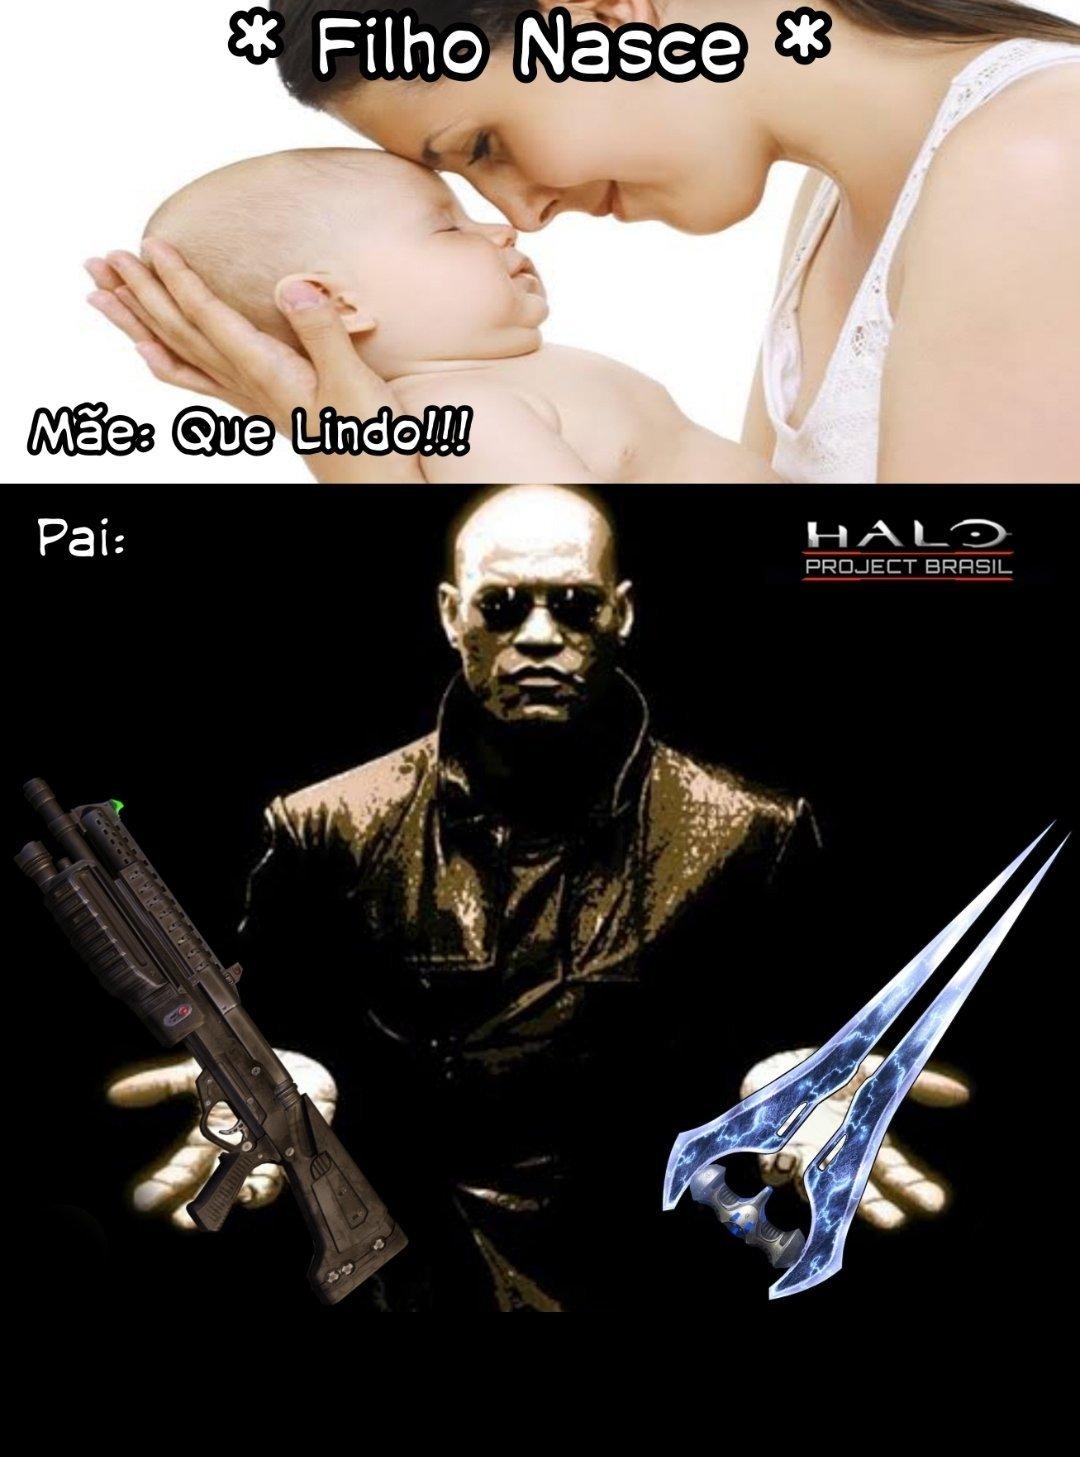 Os dois, mas se vc for noob(ou ruim de mira), escolhe a espada - meme